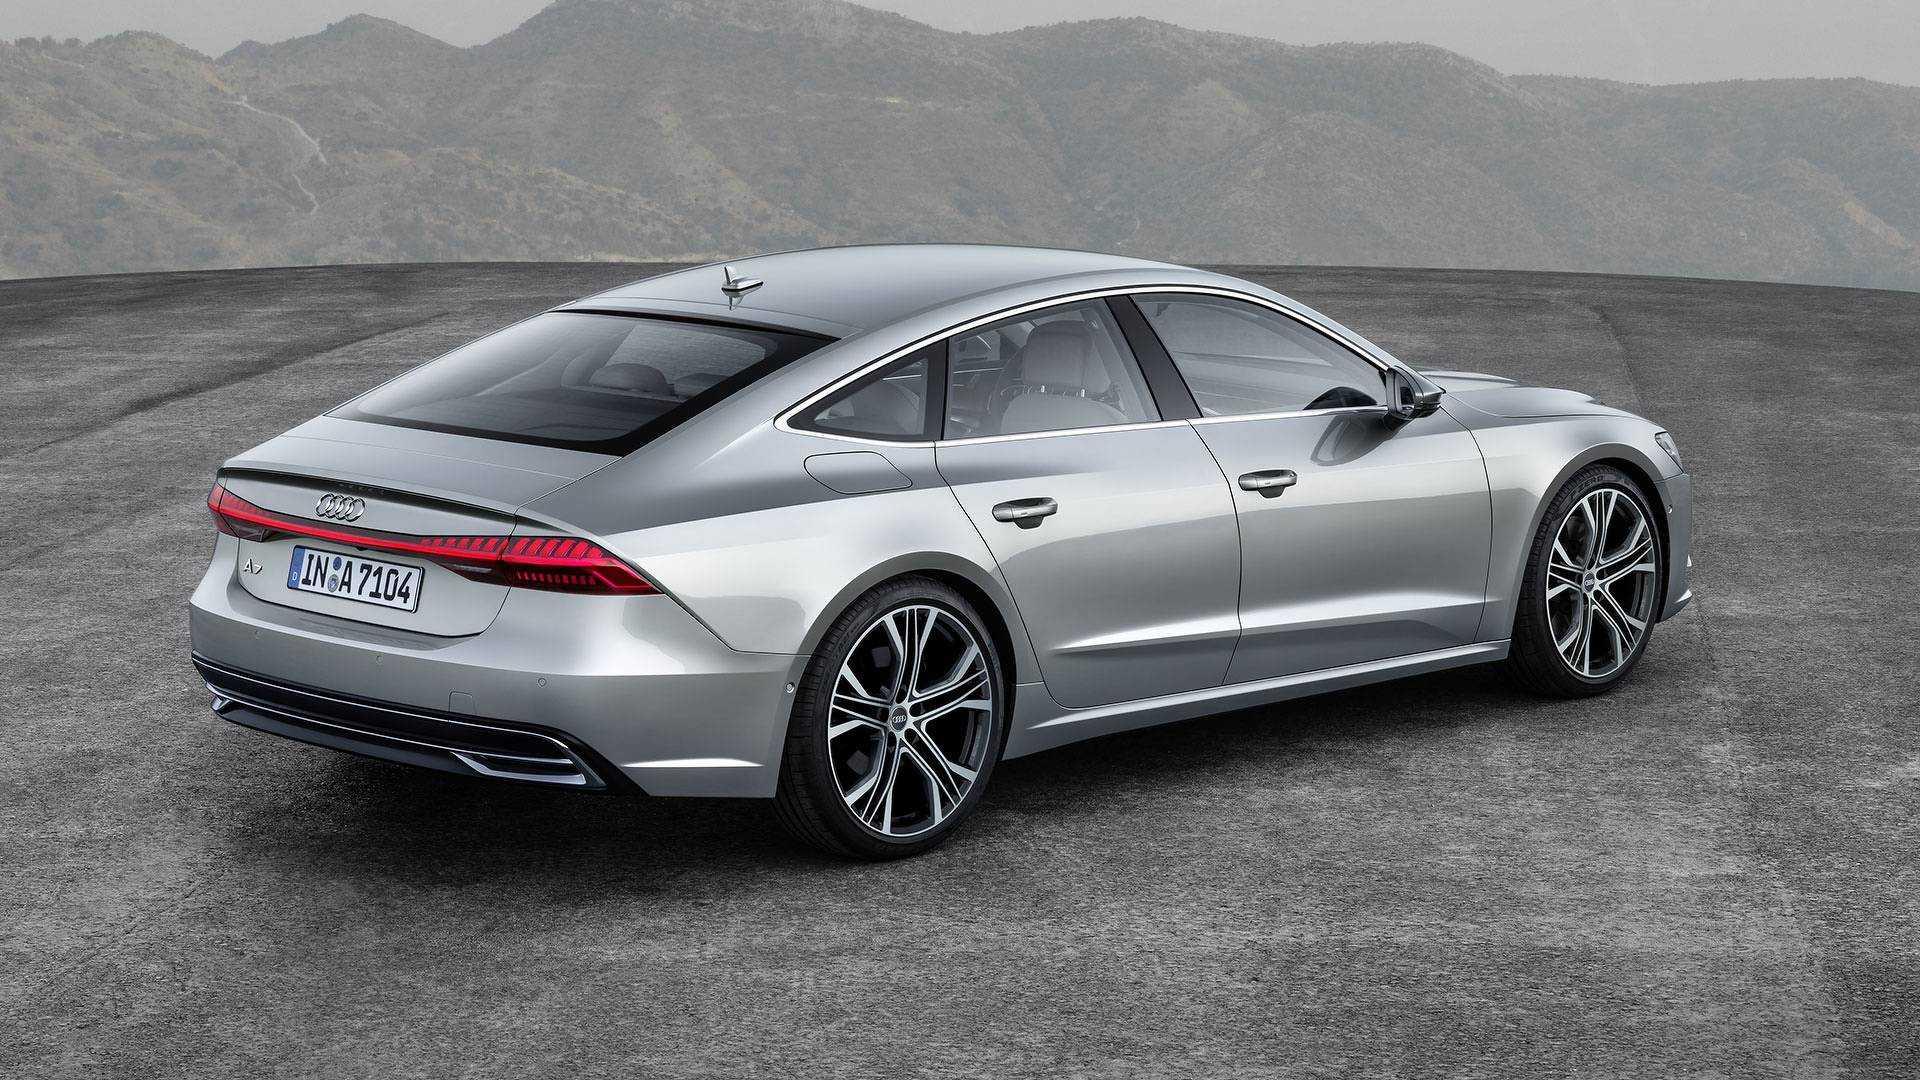 Kelebihan Kekurangan Audi A7 Review